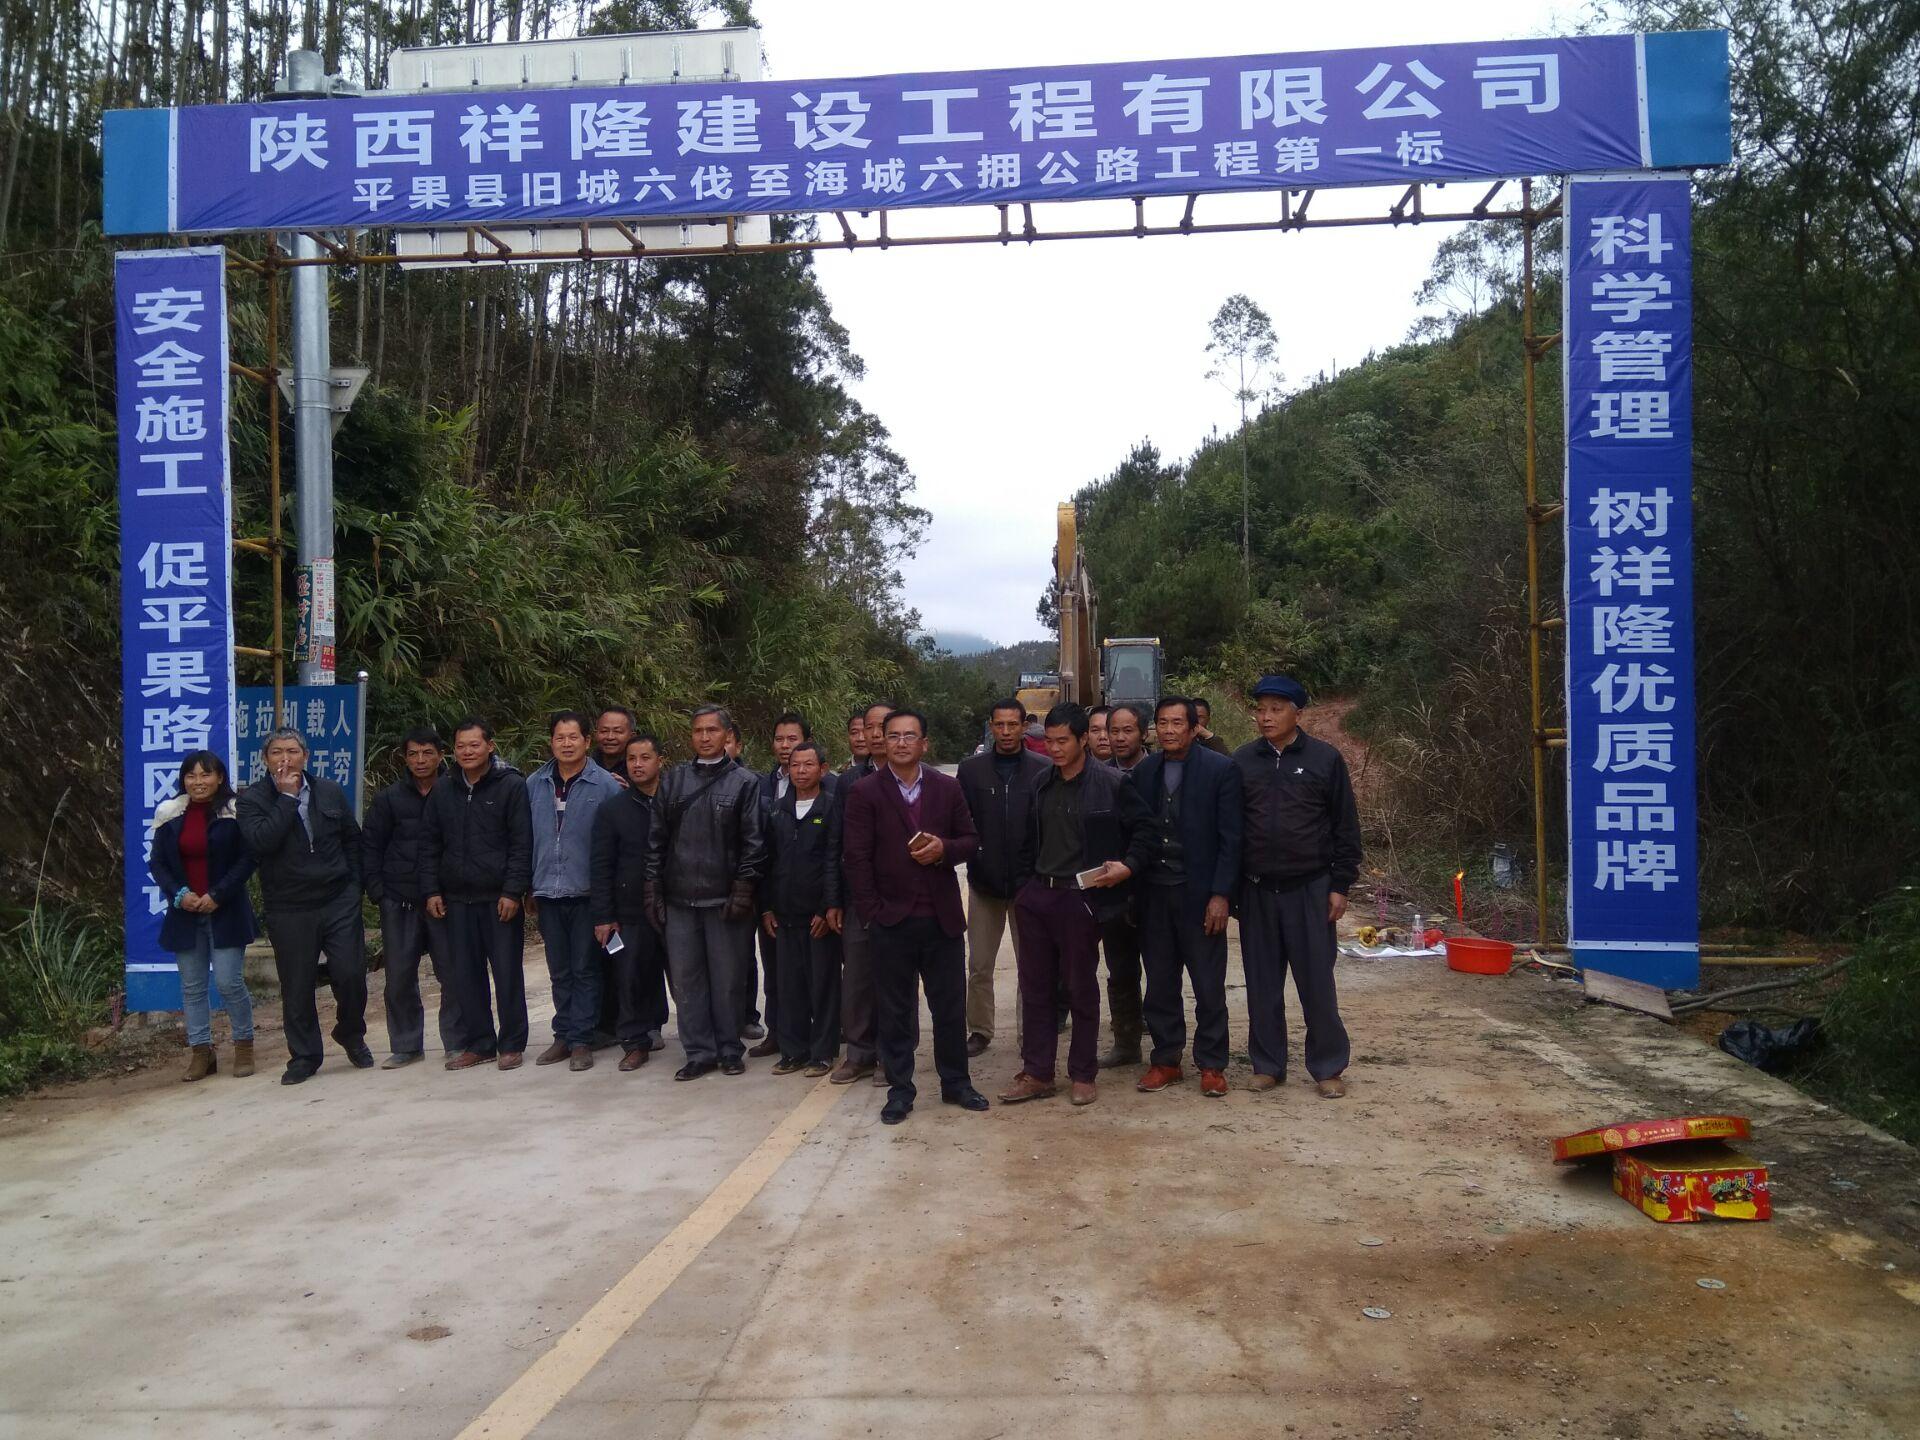 旧城镇领导与村民委、沿线村屯代表见证工程开工